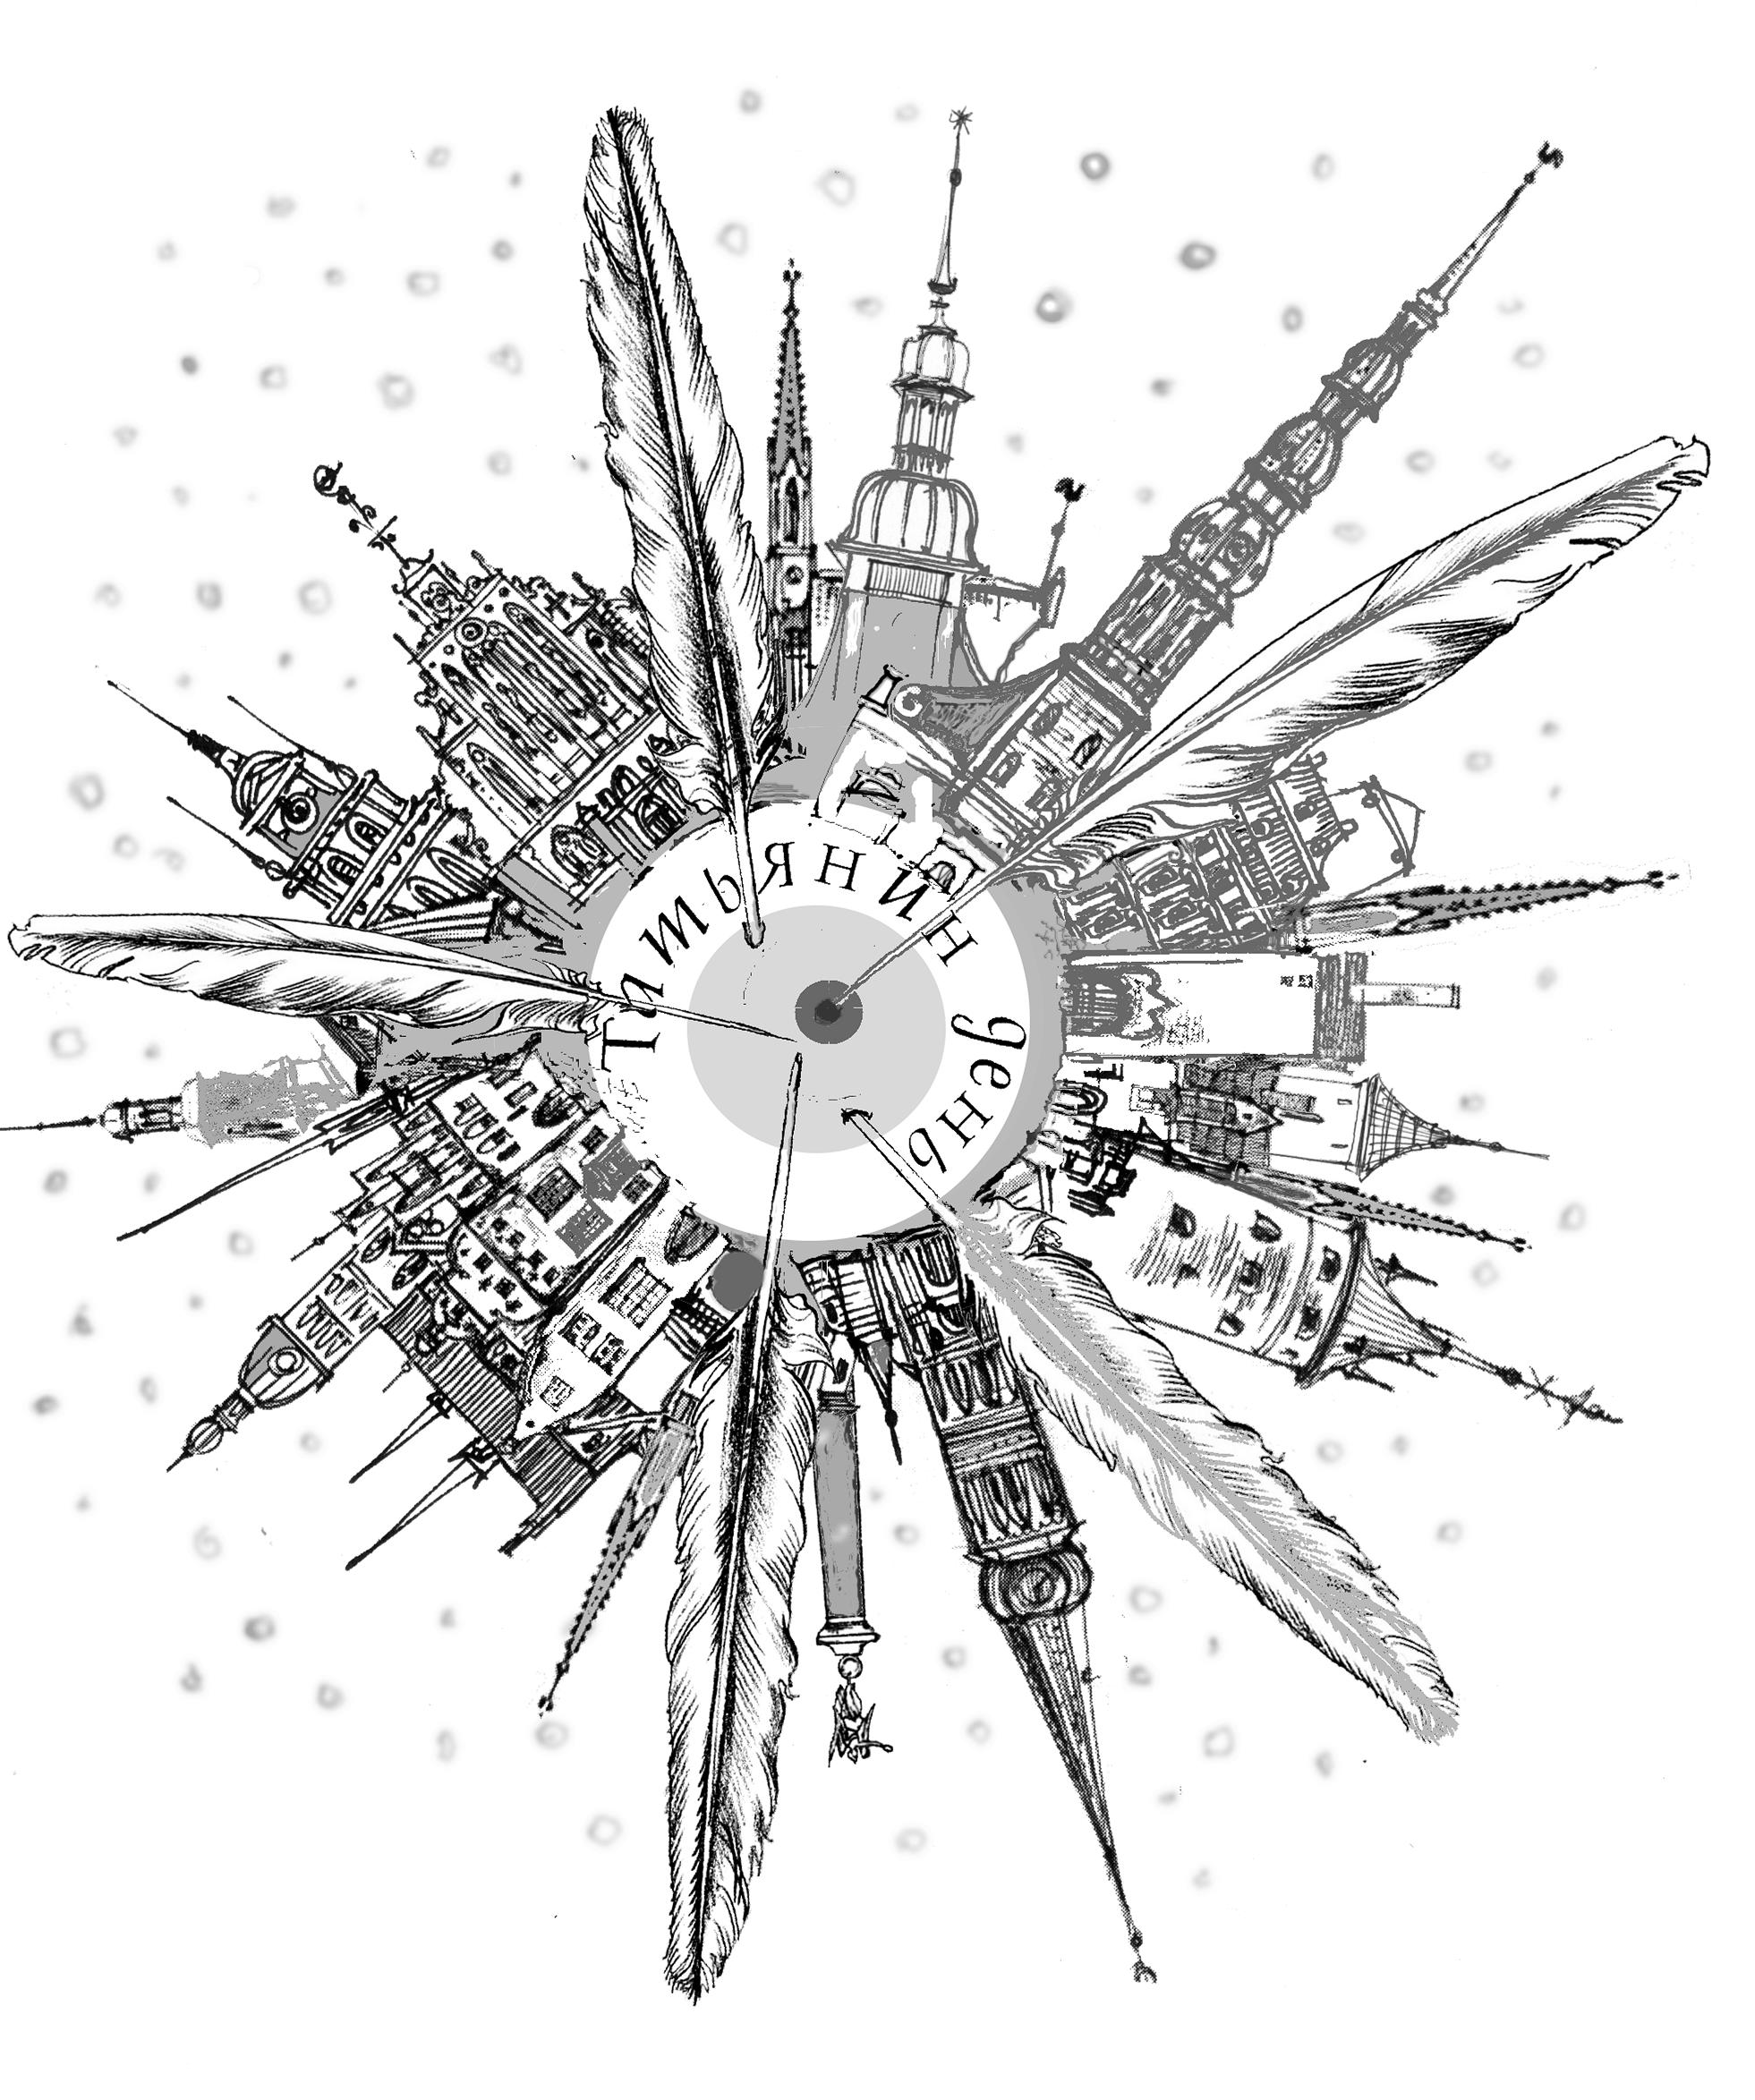 Татьянин день - праздник русской культуры и образования в Латвии. 2020 г.